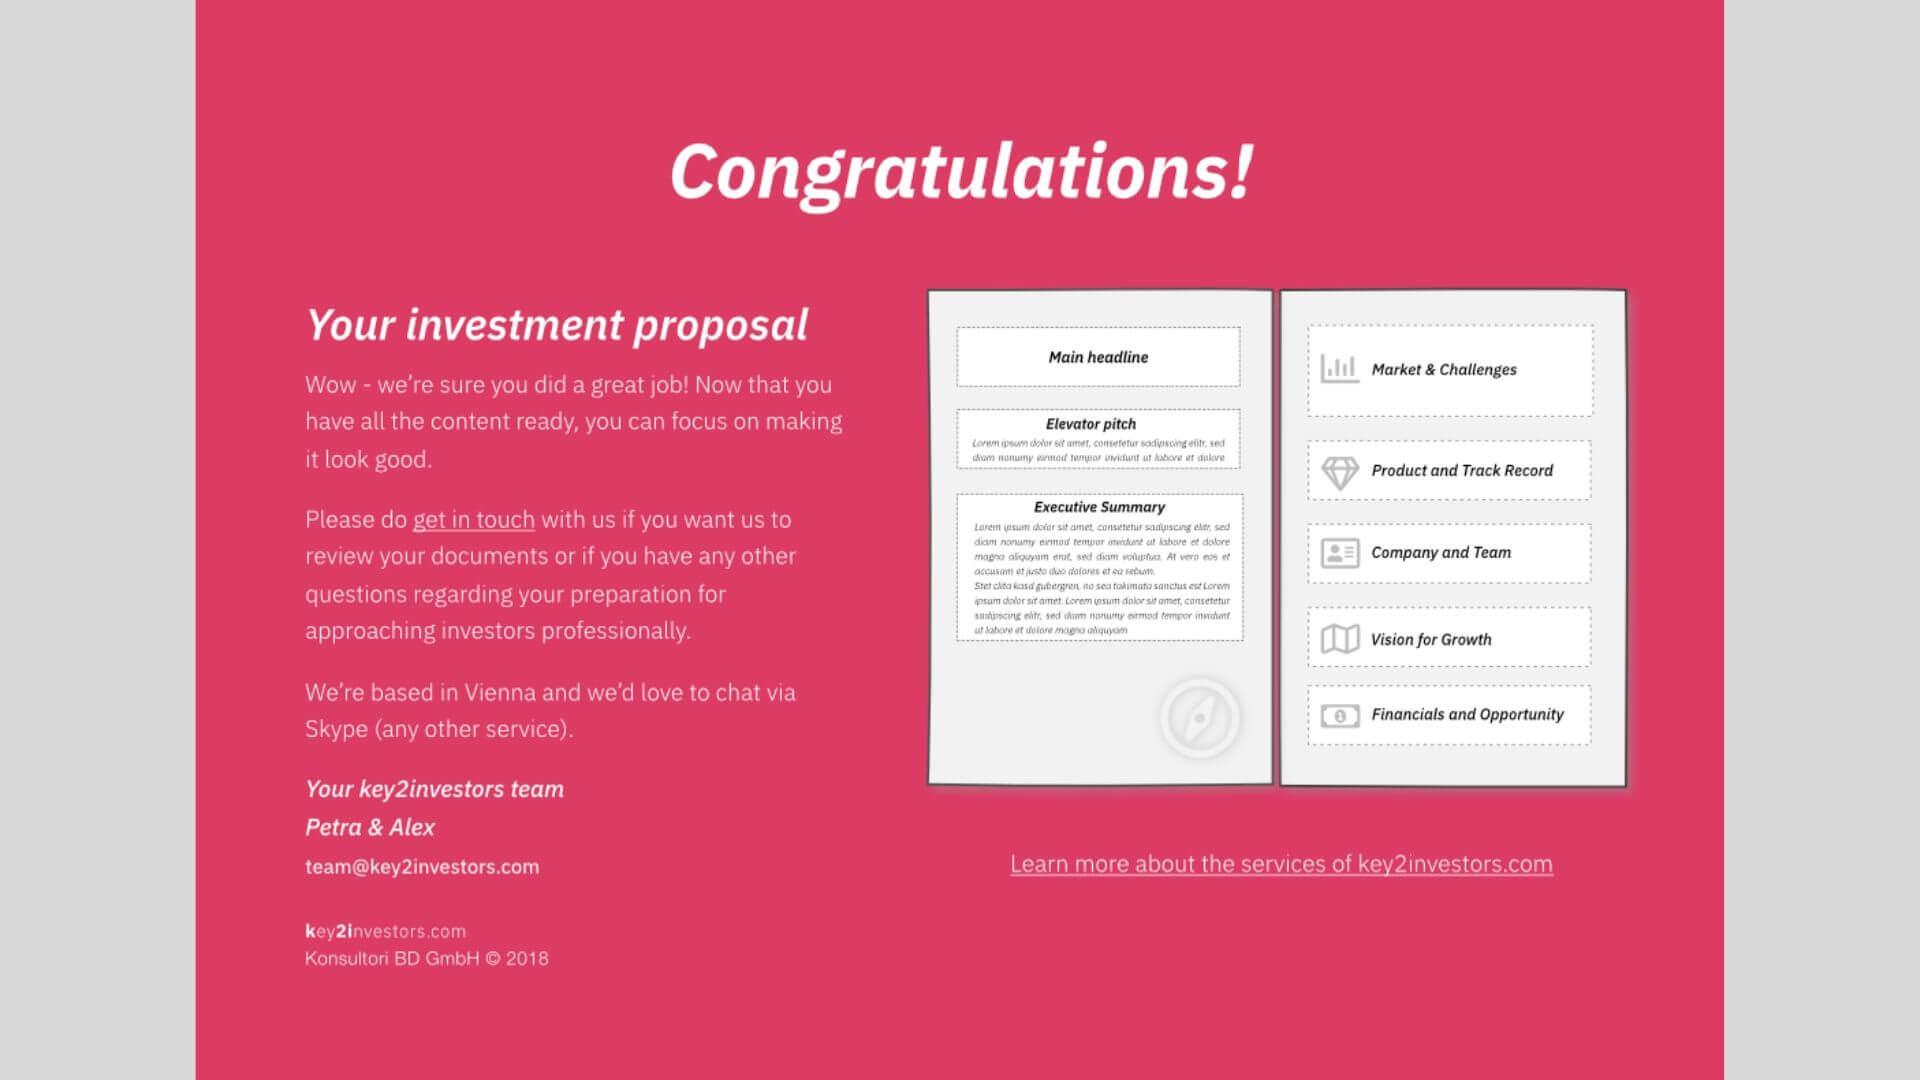 key2investors Investment Teaser Slide